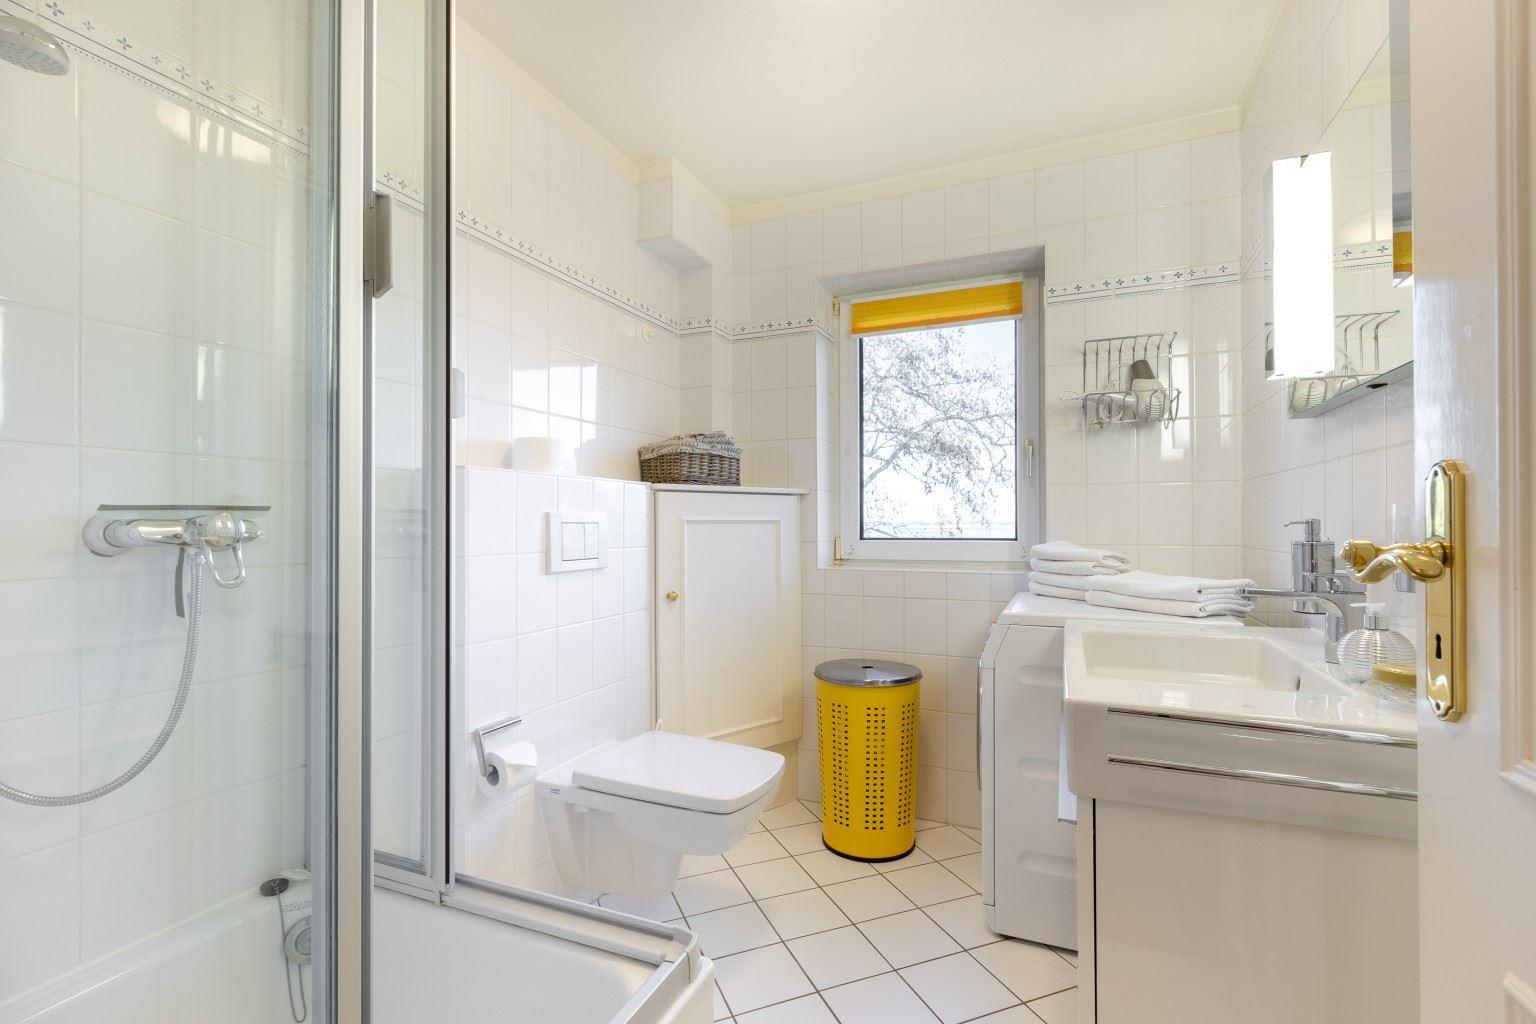 """Badezimmer - St Peter Ording Bad, Haus Sommerdeich, Wohnung 4B """"Westmarkenpalais"""""""